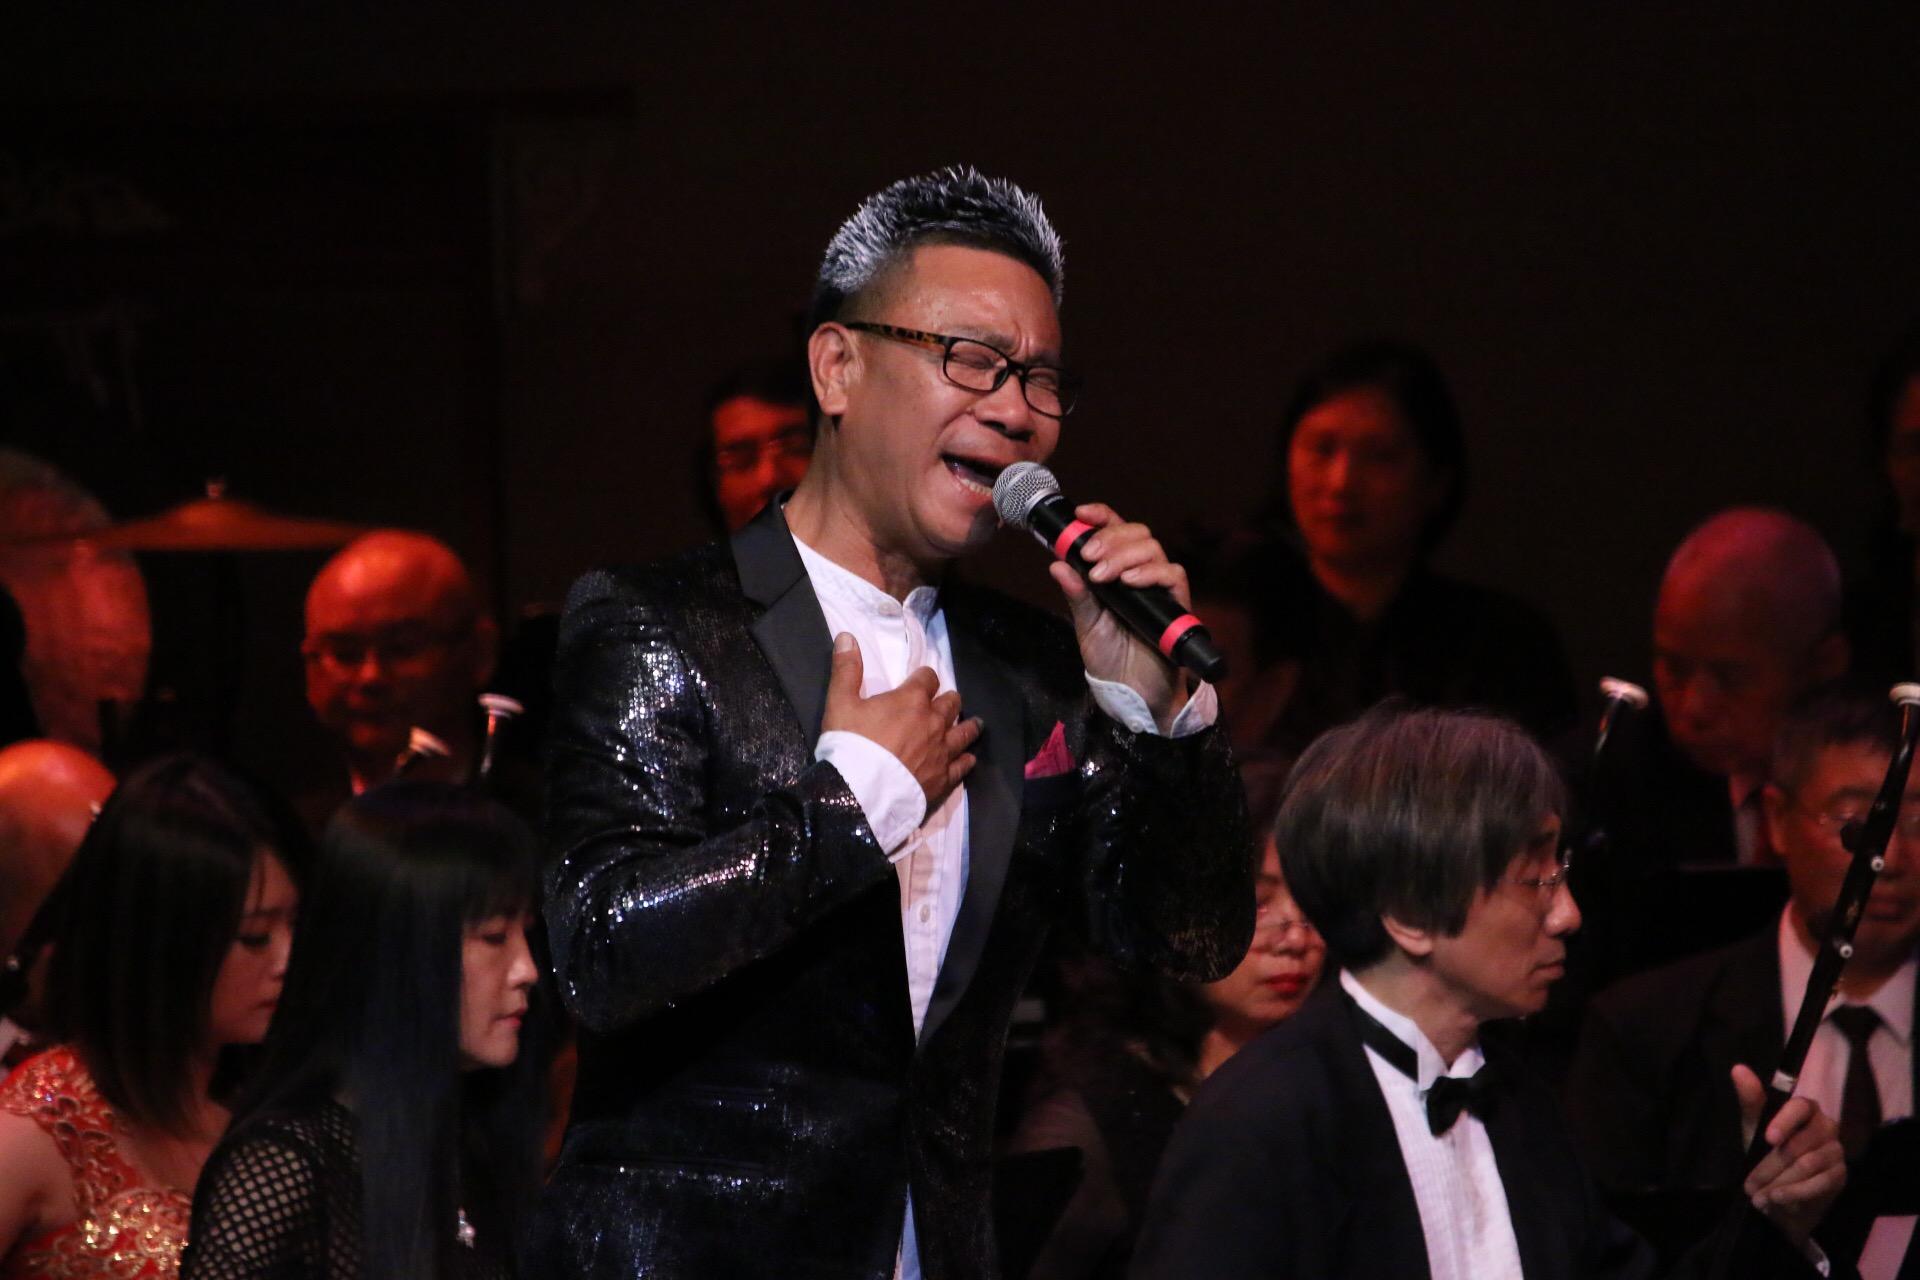 情歌王子-李剛獻上「我家在哪裏」 、「最後一夜」【春之声音乐会】